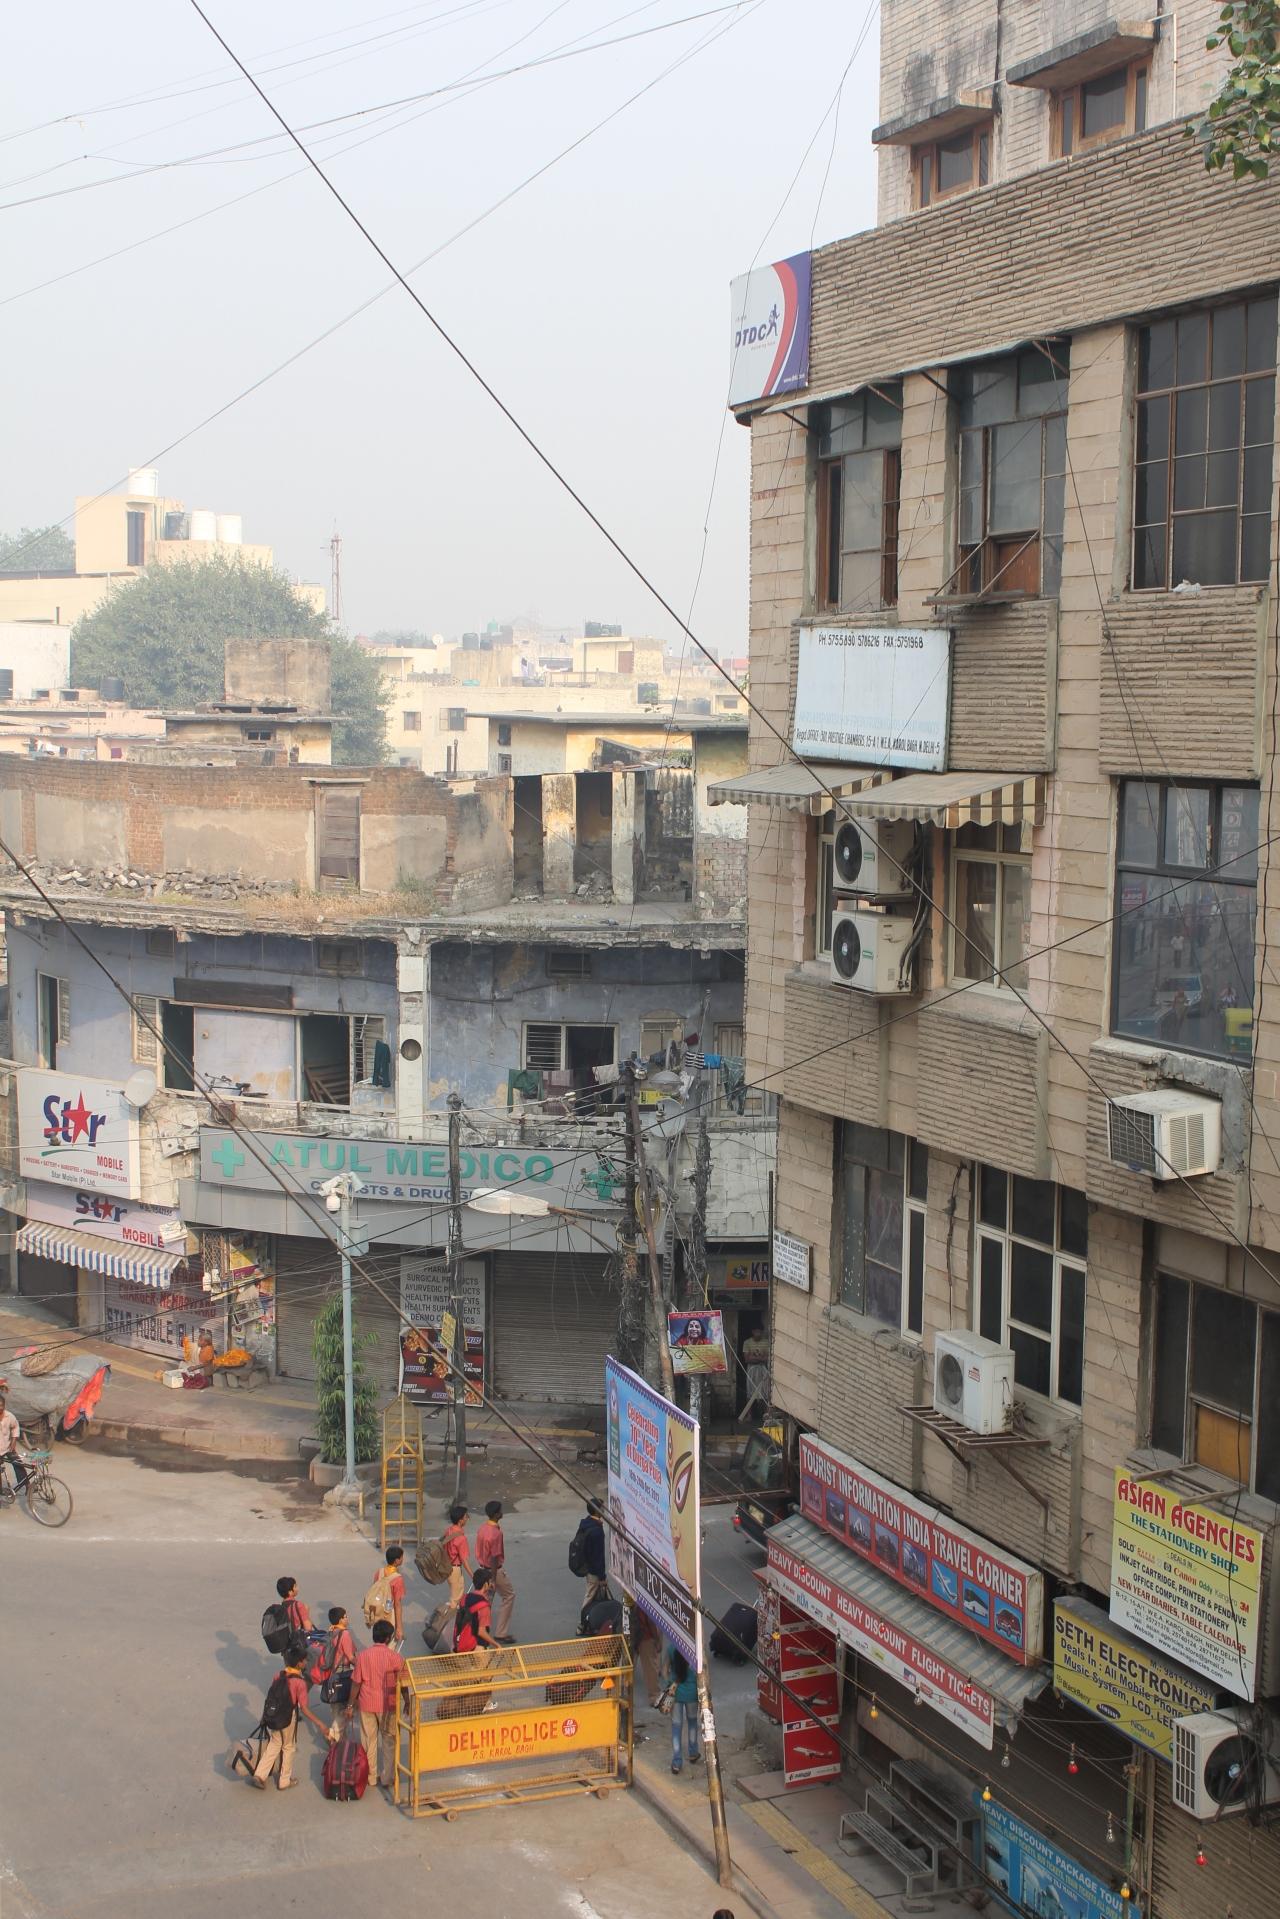 The quiet streets of Dehli????